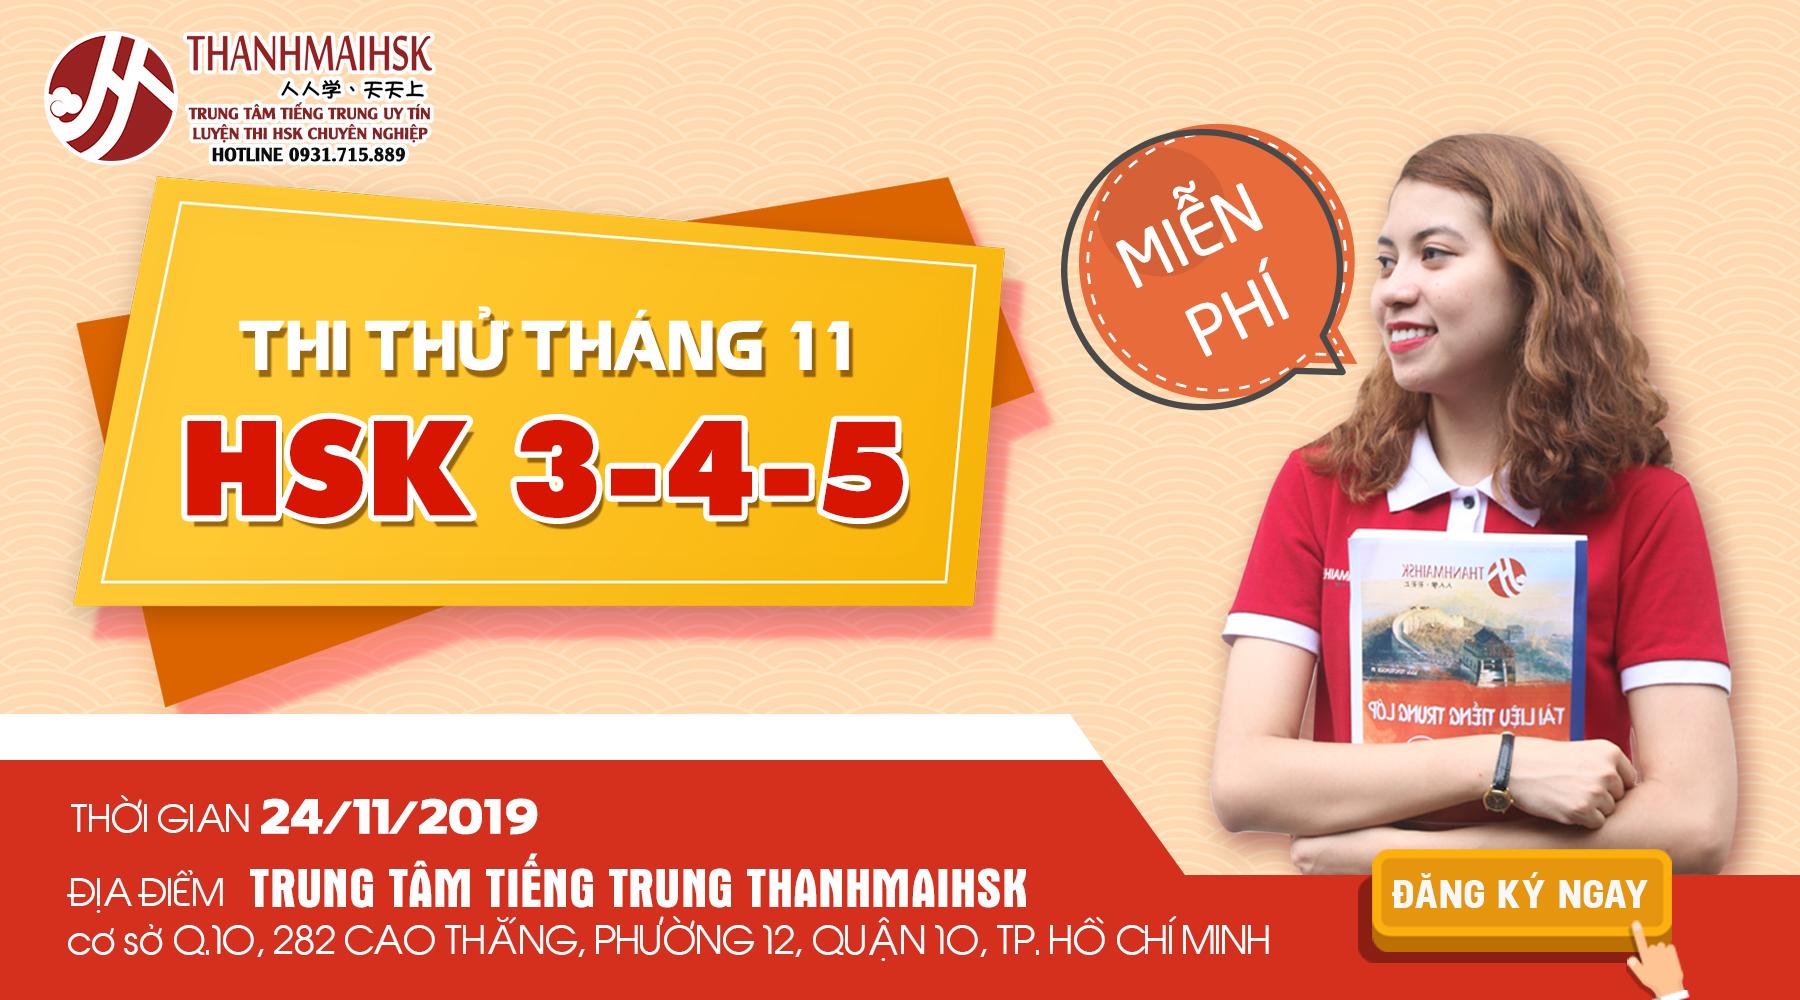 THI THỬ HSK 3-4-5 MIỄN PHÍ THÁNG 11 TẠI THANHMAIHSK HỒ CHÍ MINH